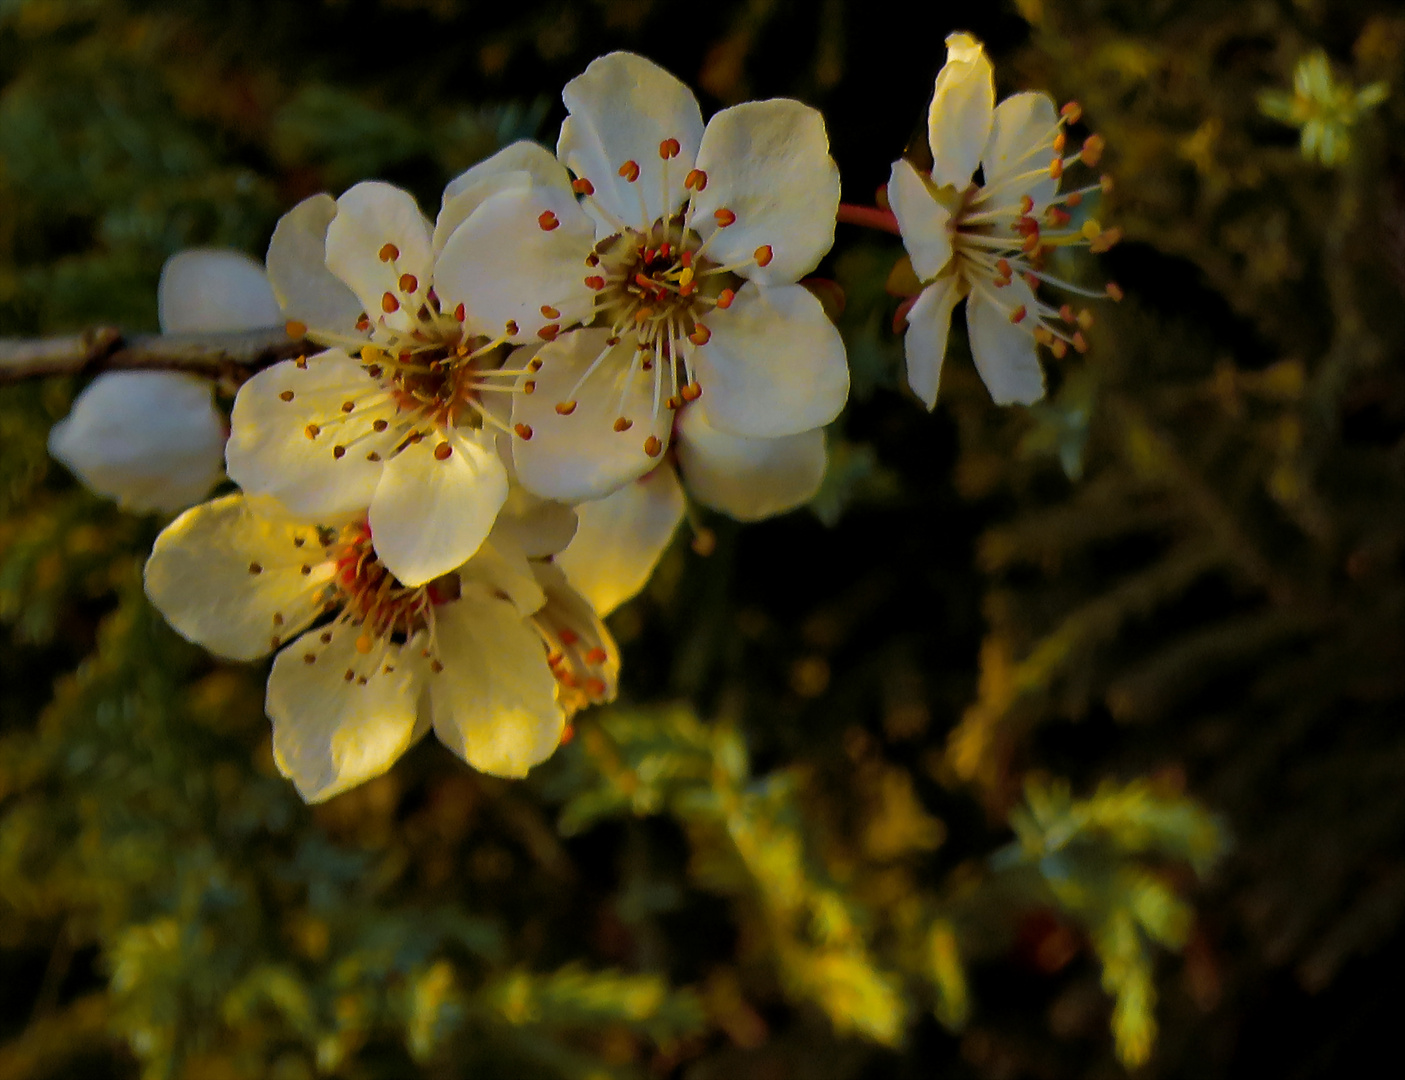 am Weg : Kirschblüte's erste kurze Morgensonne, denn :